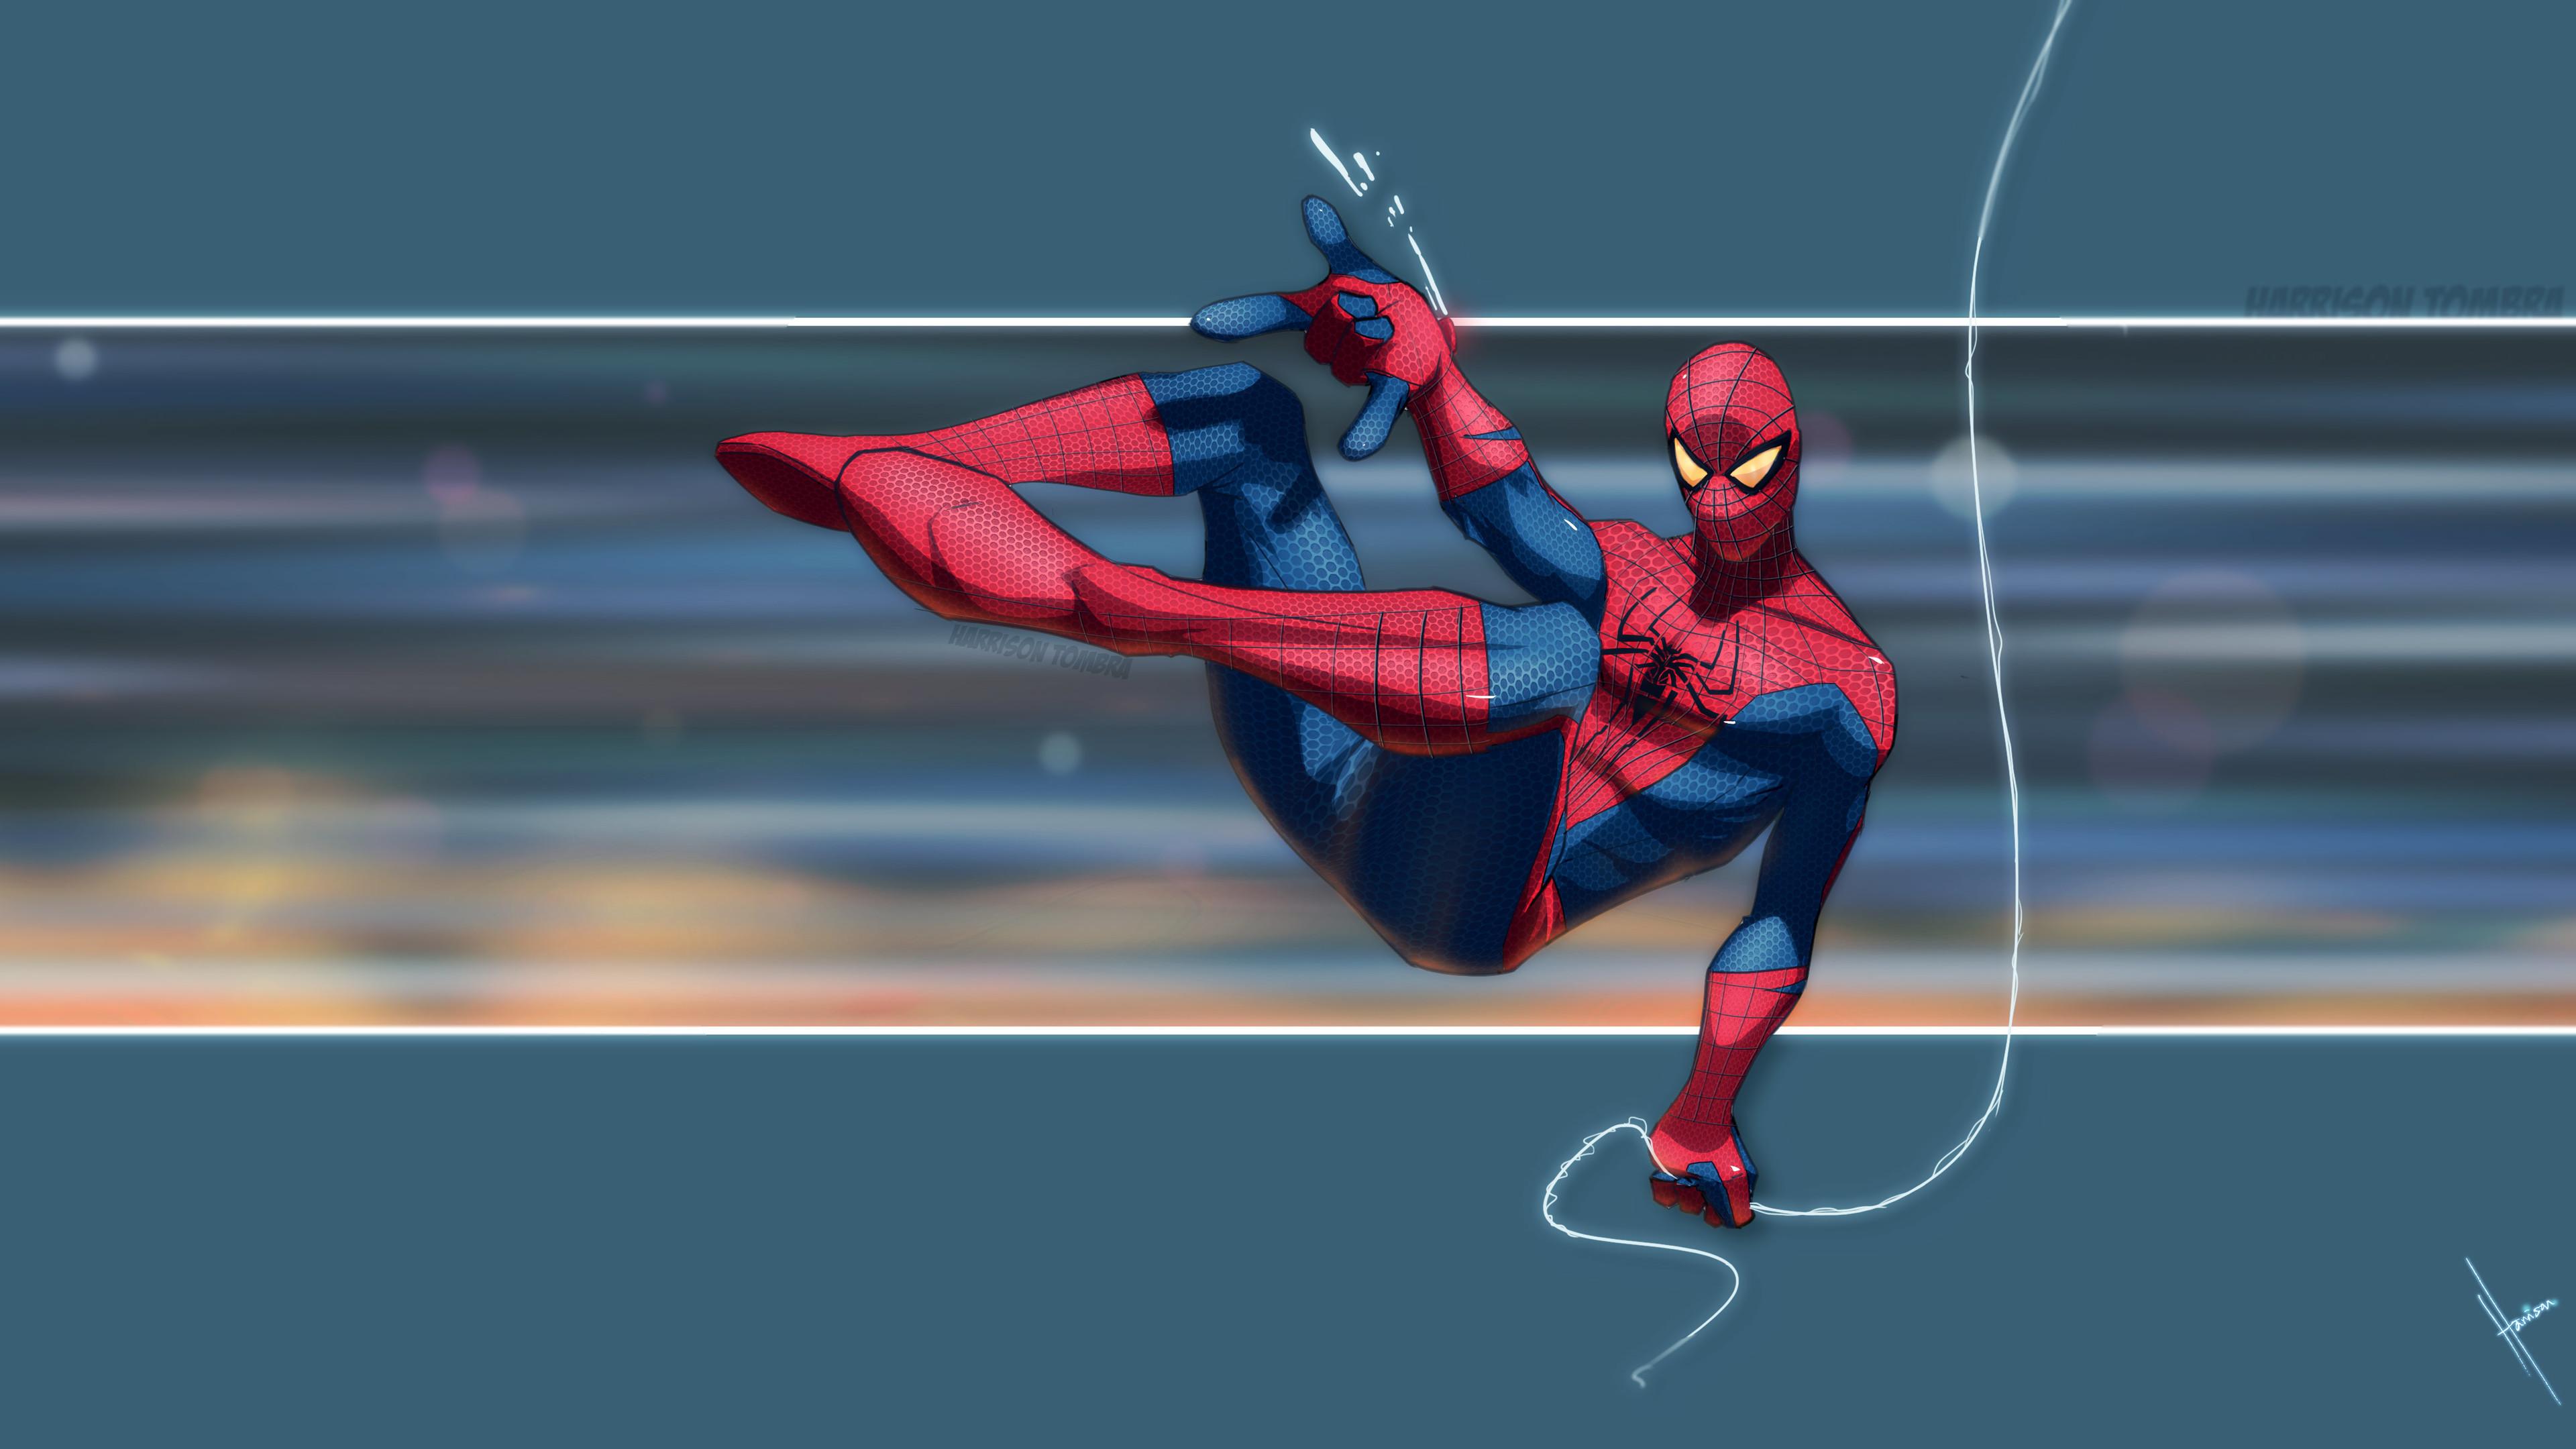 spider boy 4k 1553070995 - Spider Boy 4k - superheroes wallpapers, spiderman wallpapers, hd-wallpapers, digital art wallpapers, deviantart wallpapers, artwork wallpapers, 5k wallpapers, 4k-wallpapers